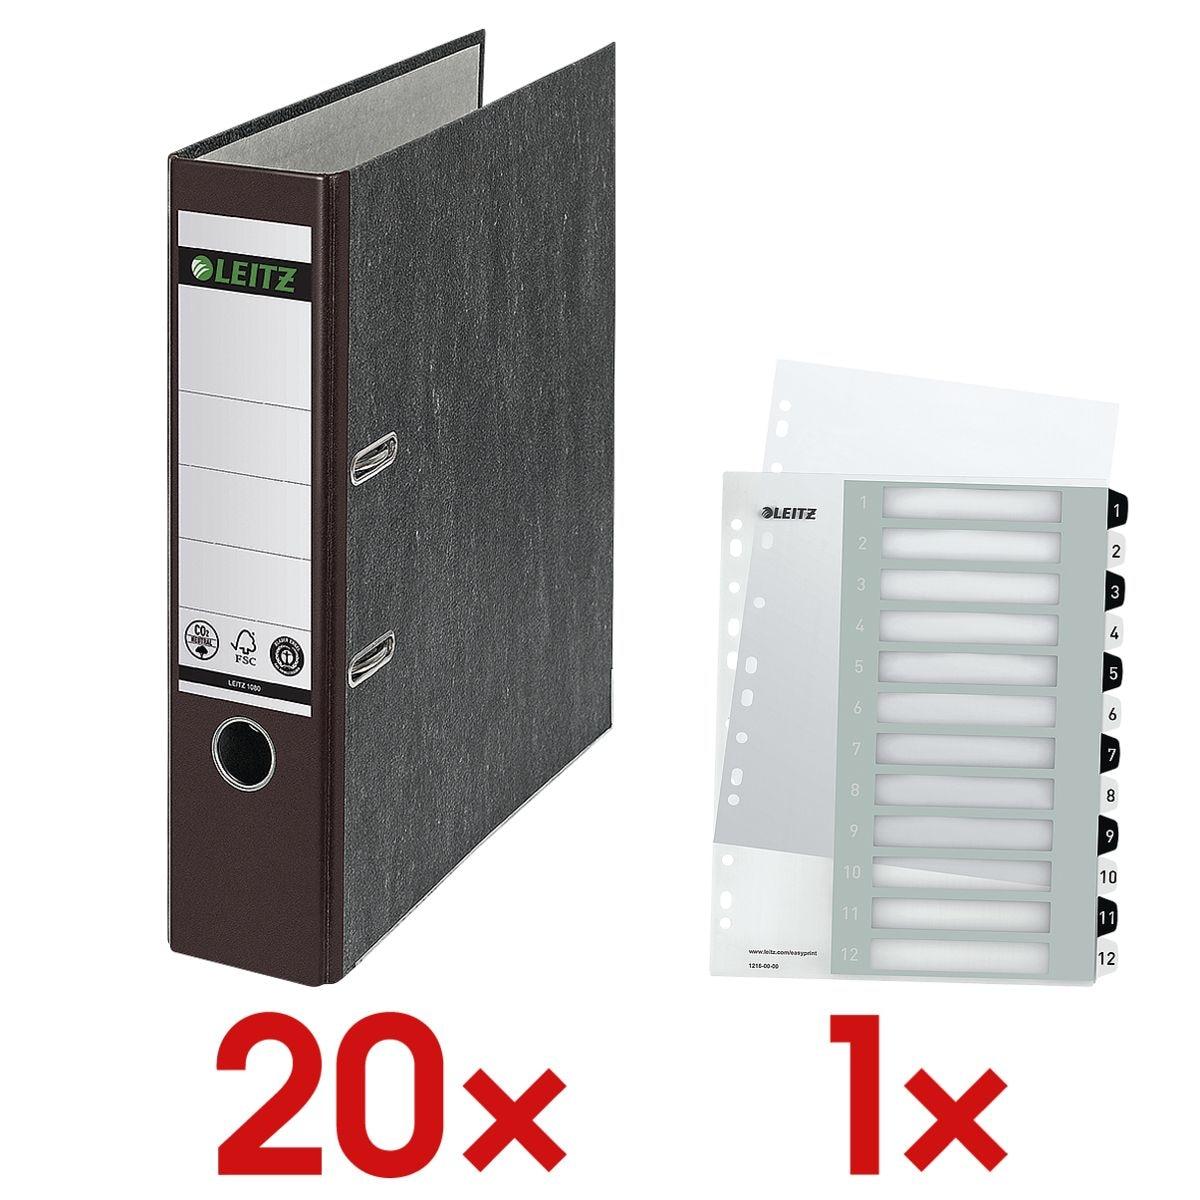 20x LEITZ Ordner A4 »1080 CO2 neutral« breit, Wolkenmarmor mit farbigem Rücken inkl. Kunststoffregister »WOW 1216« 1-12 A4 Maxi